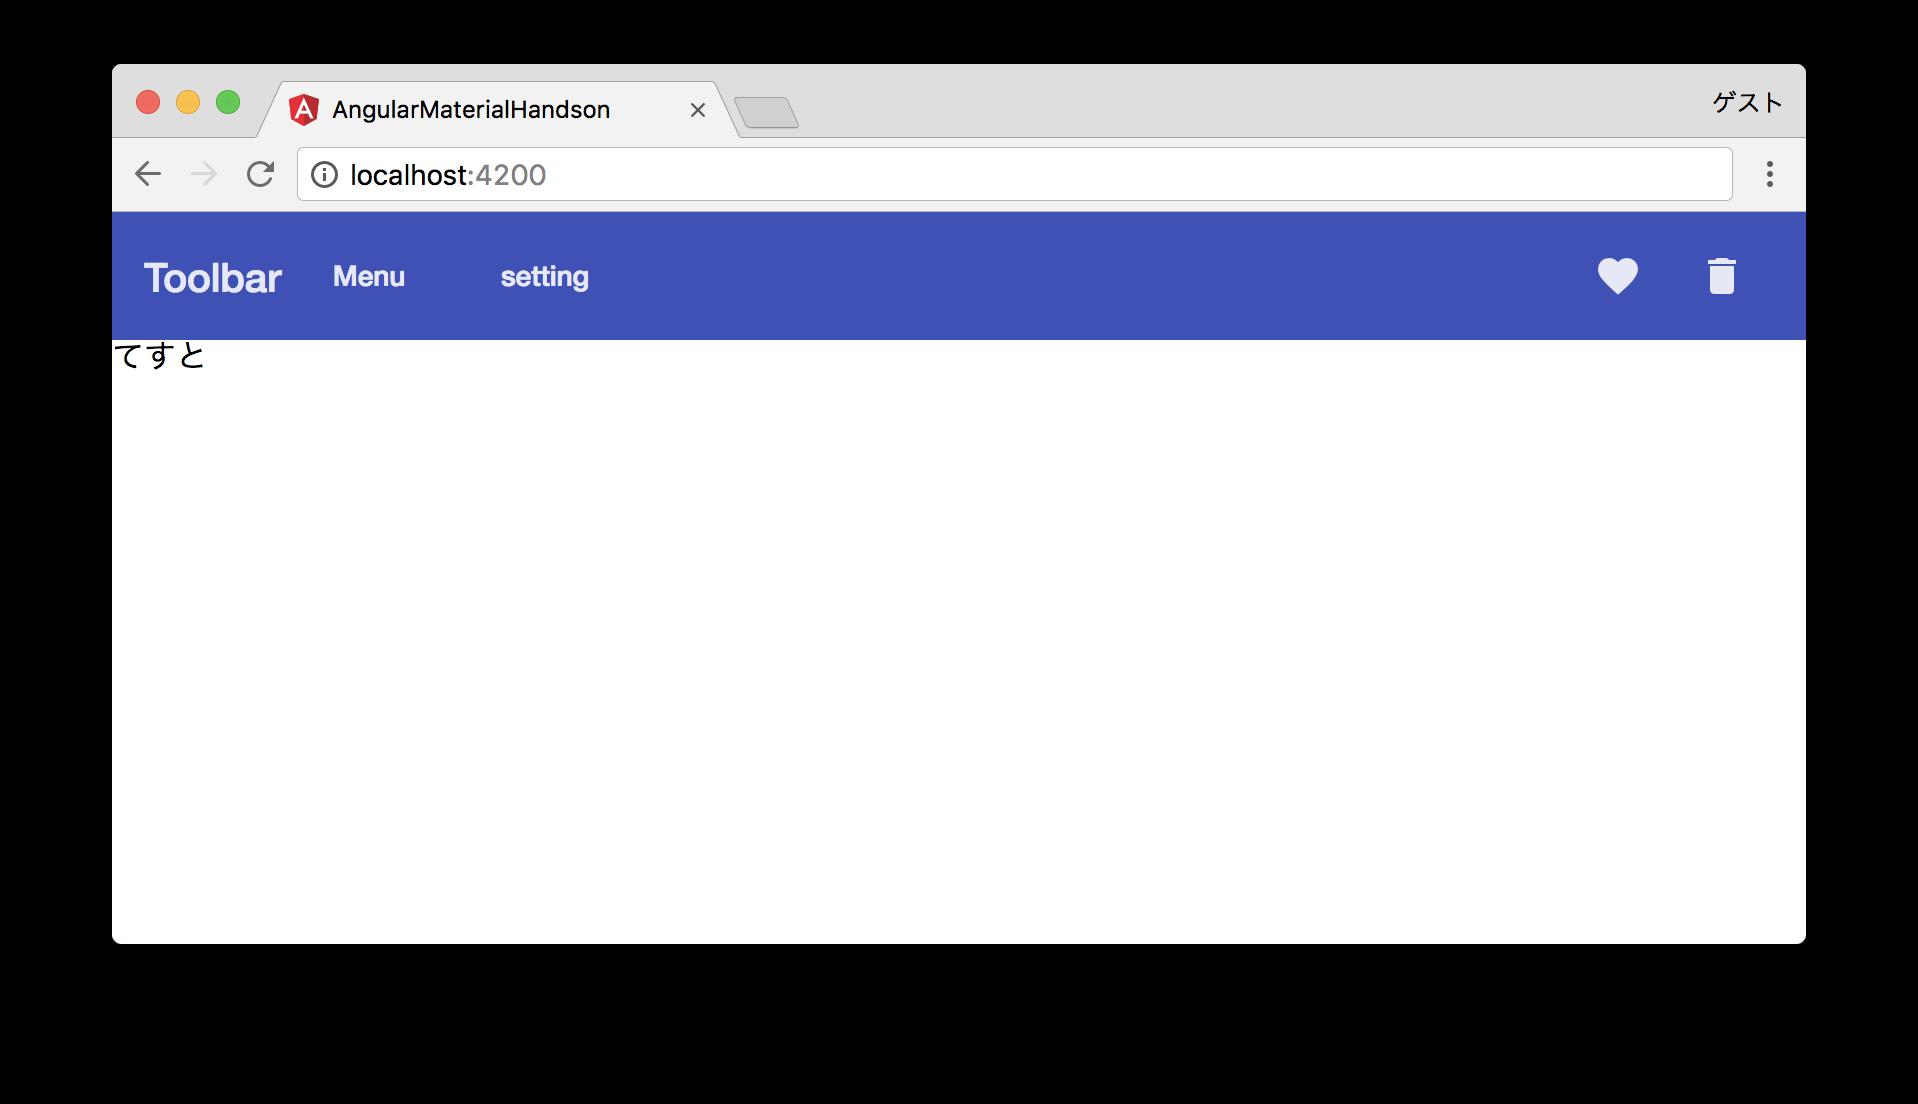 angular-cliで作成したプロジェクトにangular/materialを適用